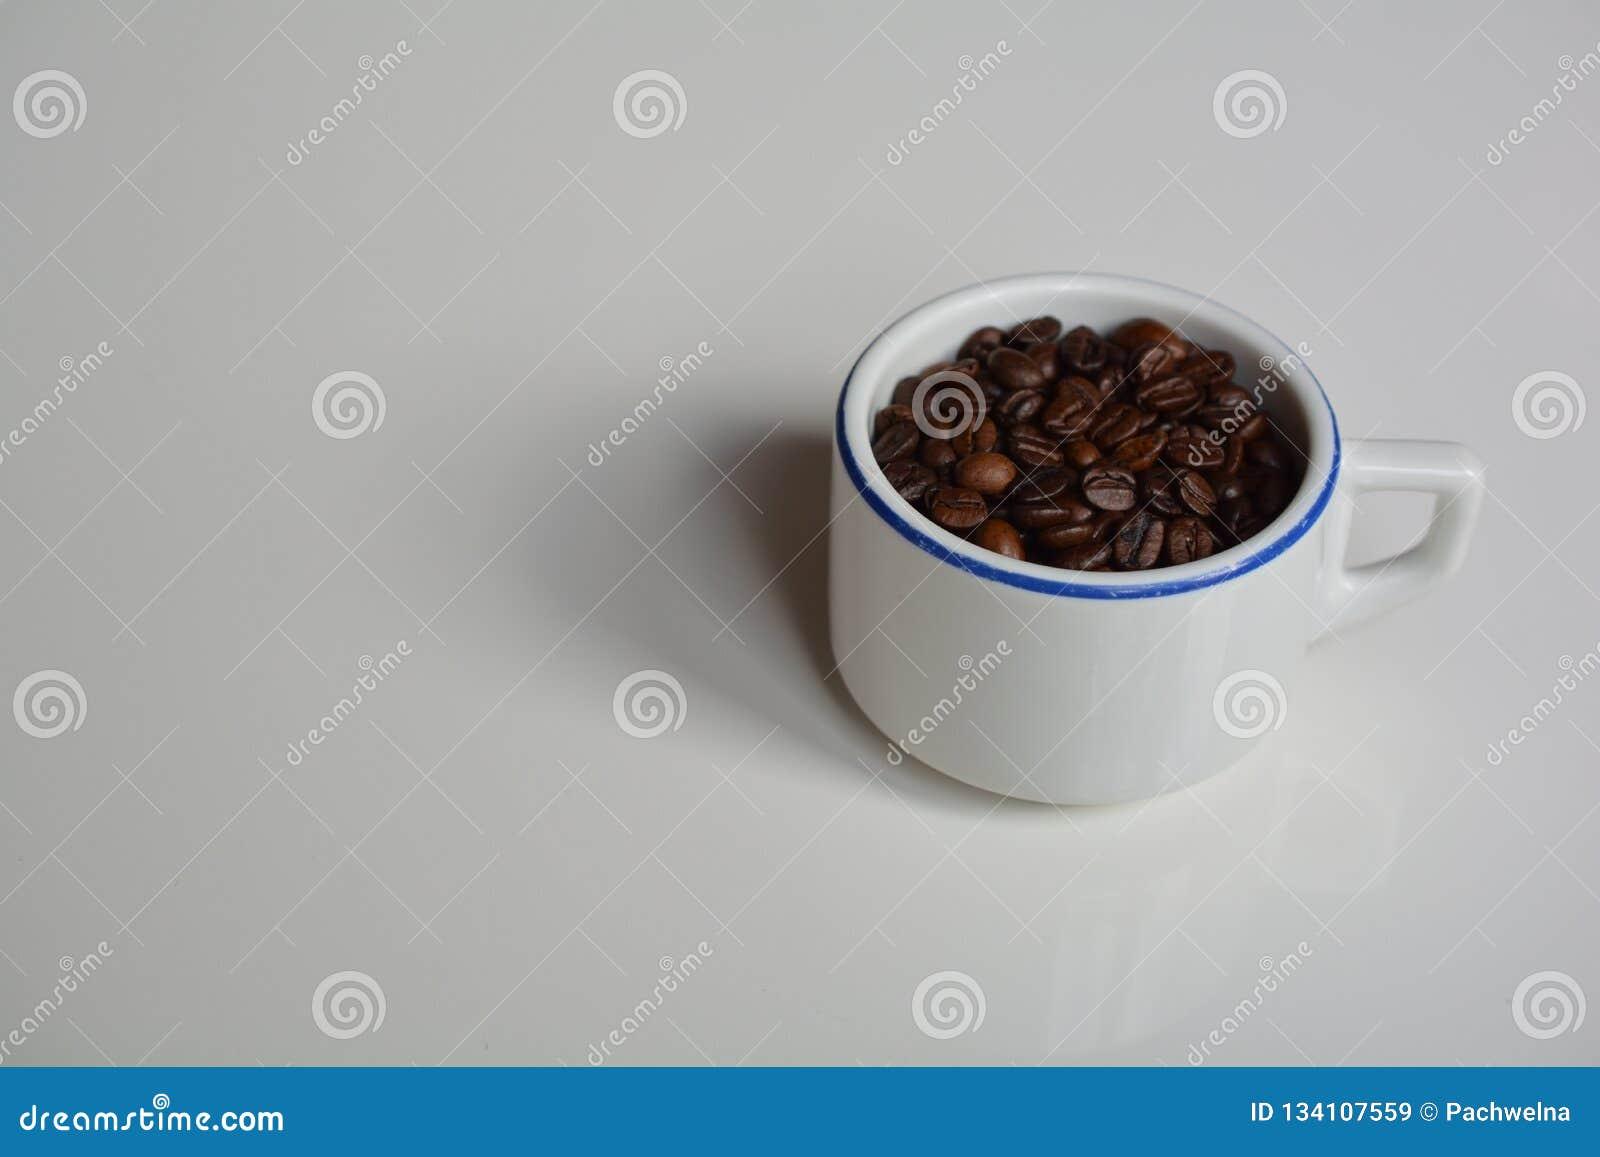 Tazza a pareti spesse riempita di chicchi di caffè